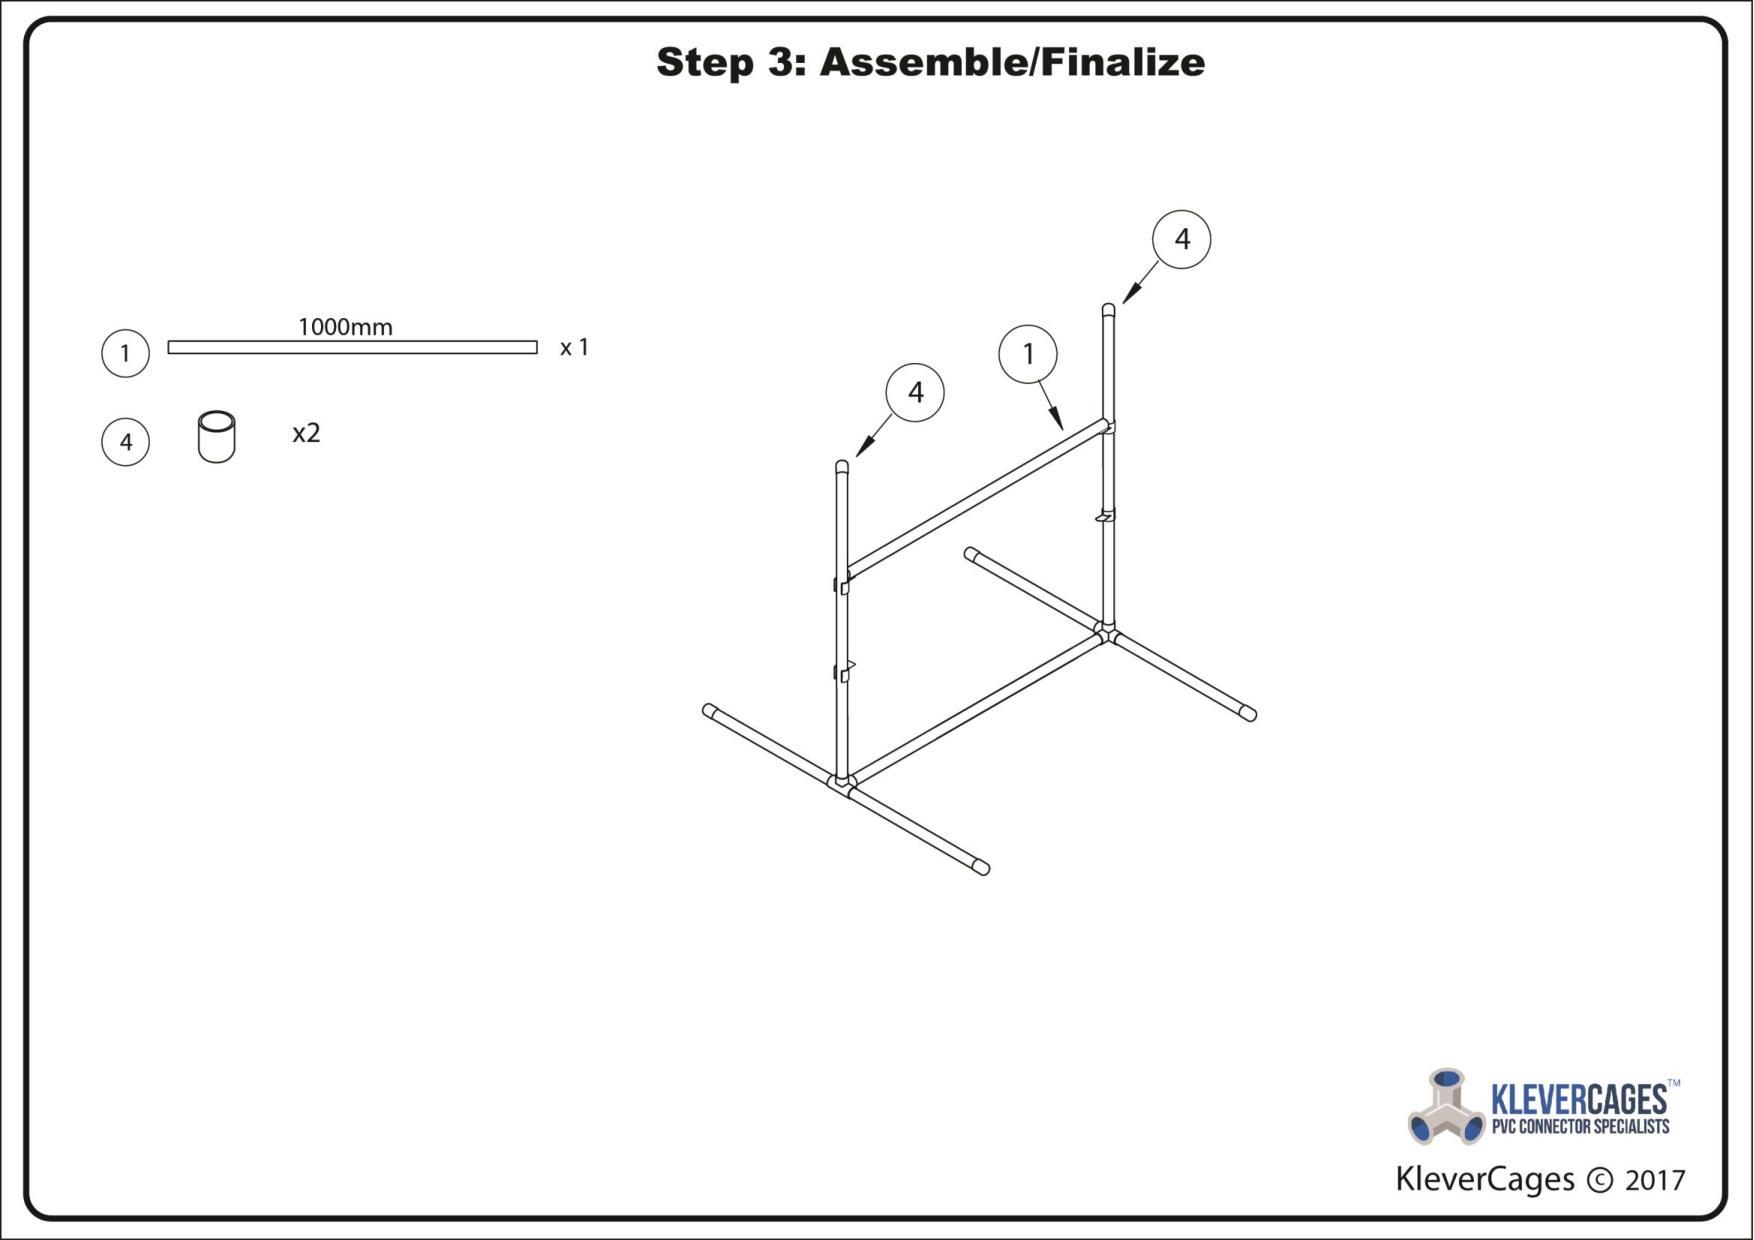 Step 3 Final assembly